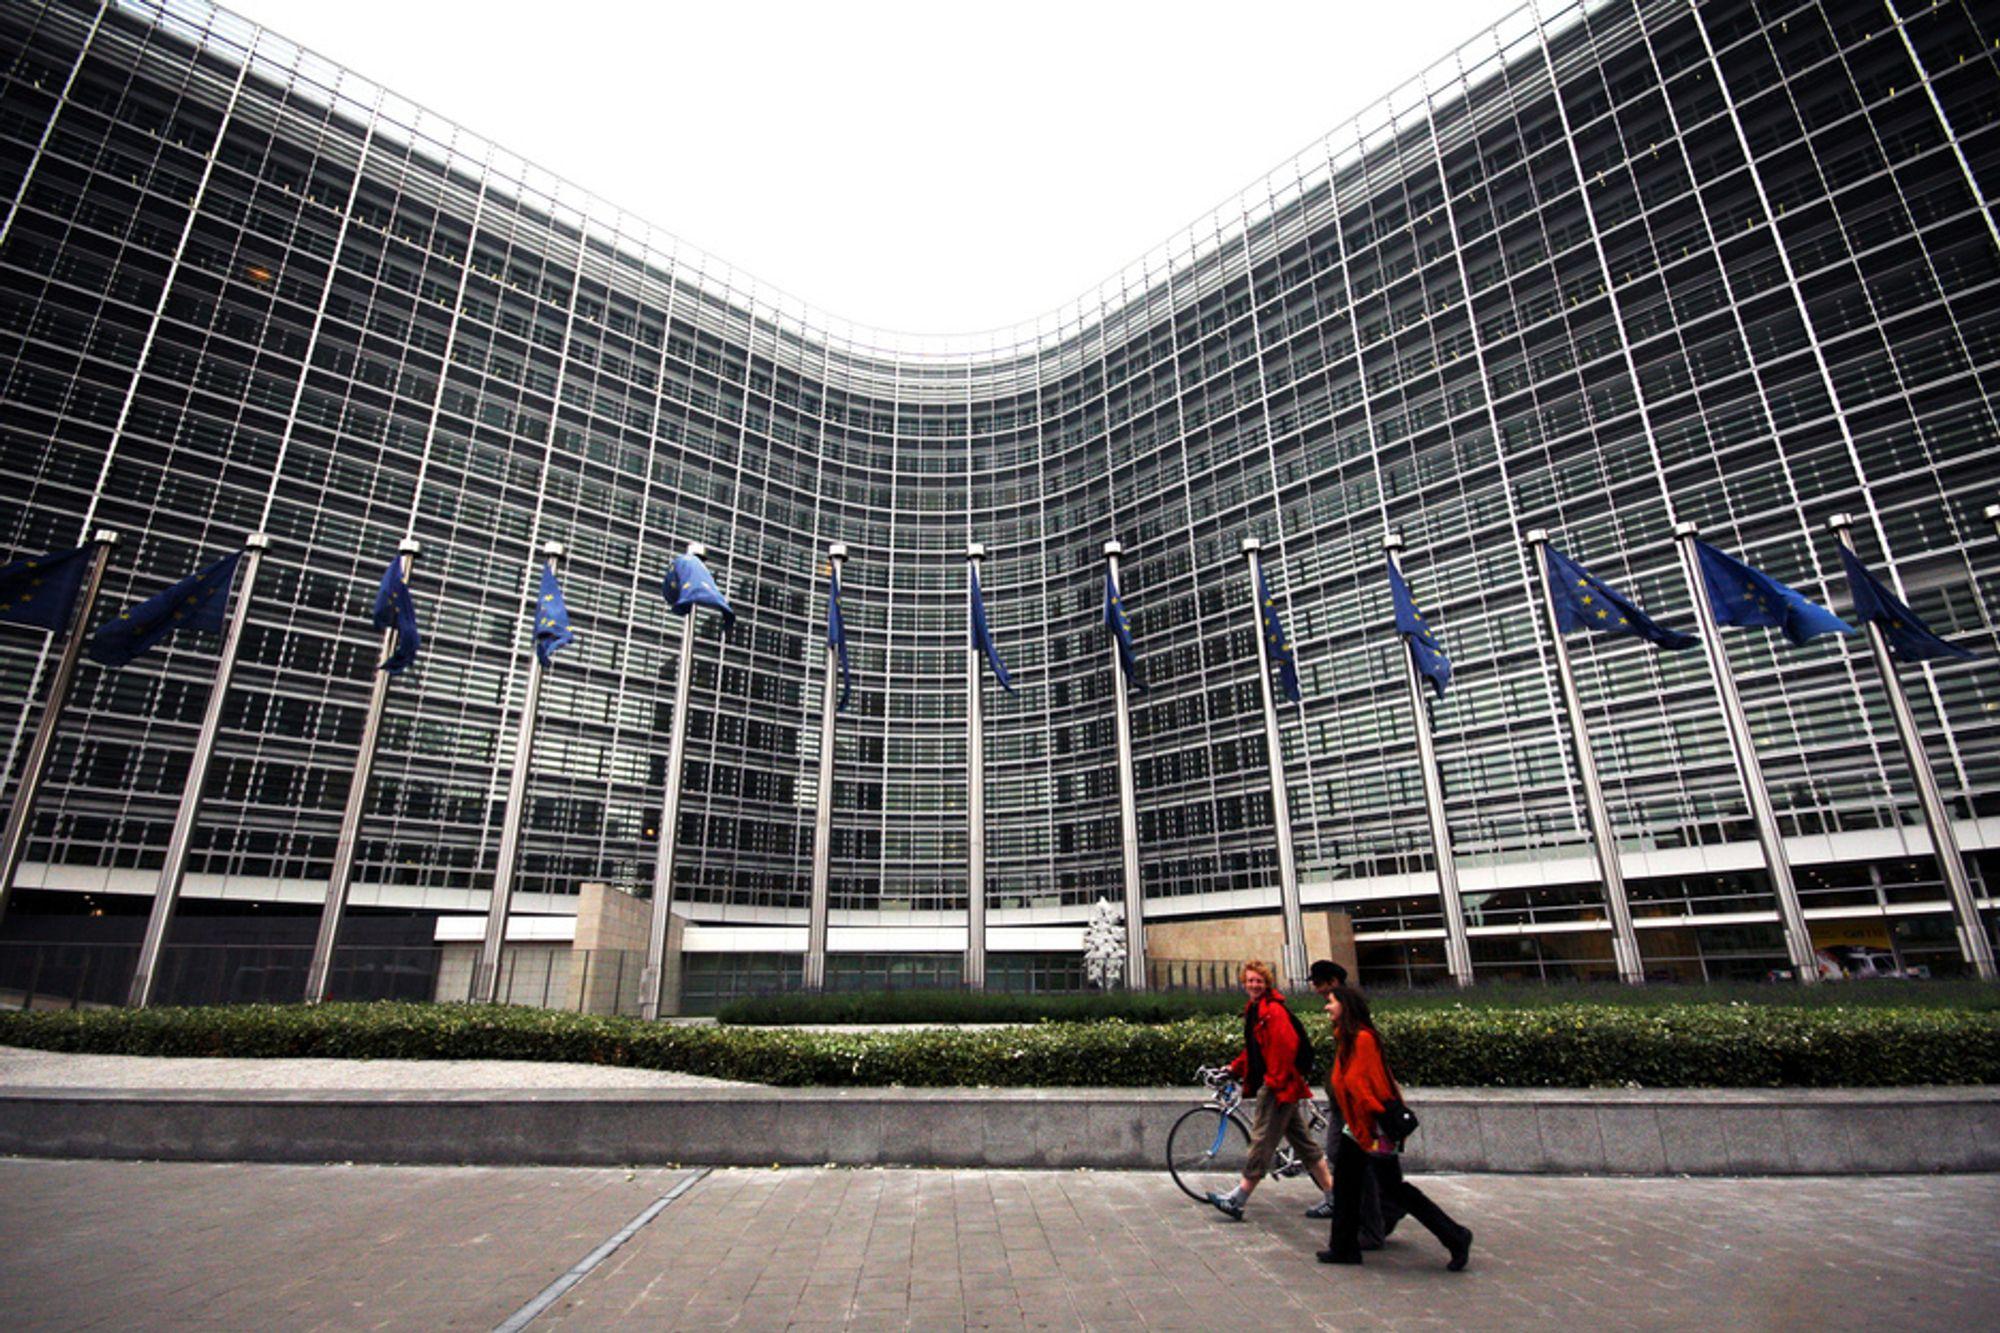 TJENESTER: EUs it-ministre diskuterer hvordan man i praksis skal ta fatt på utfordringen med å lage offentlige digitale tjenester på tvers av landegrensene.